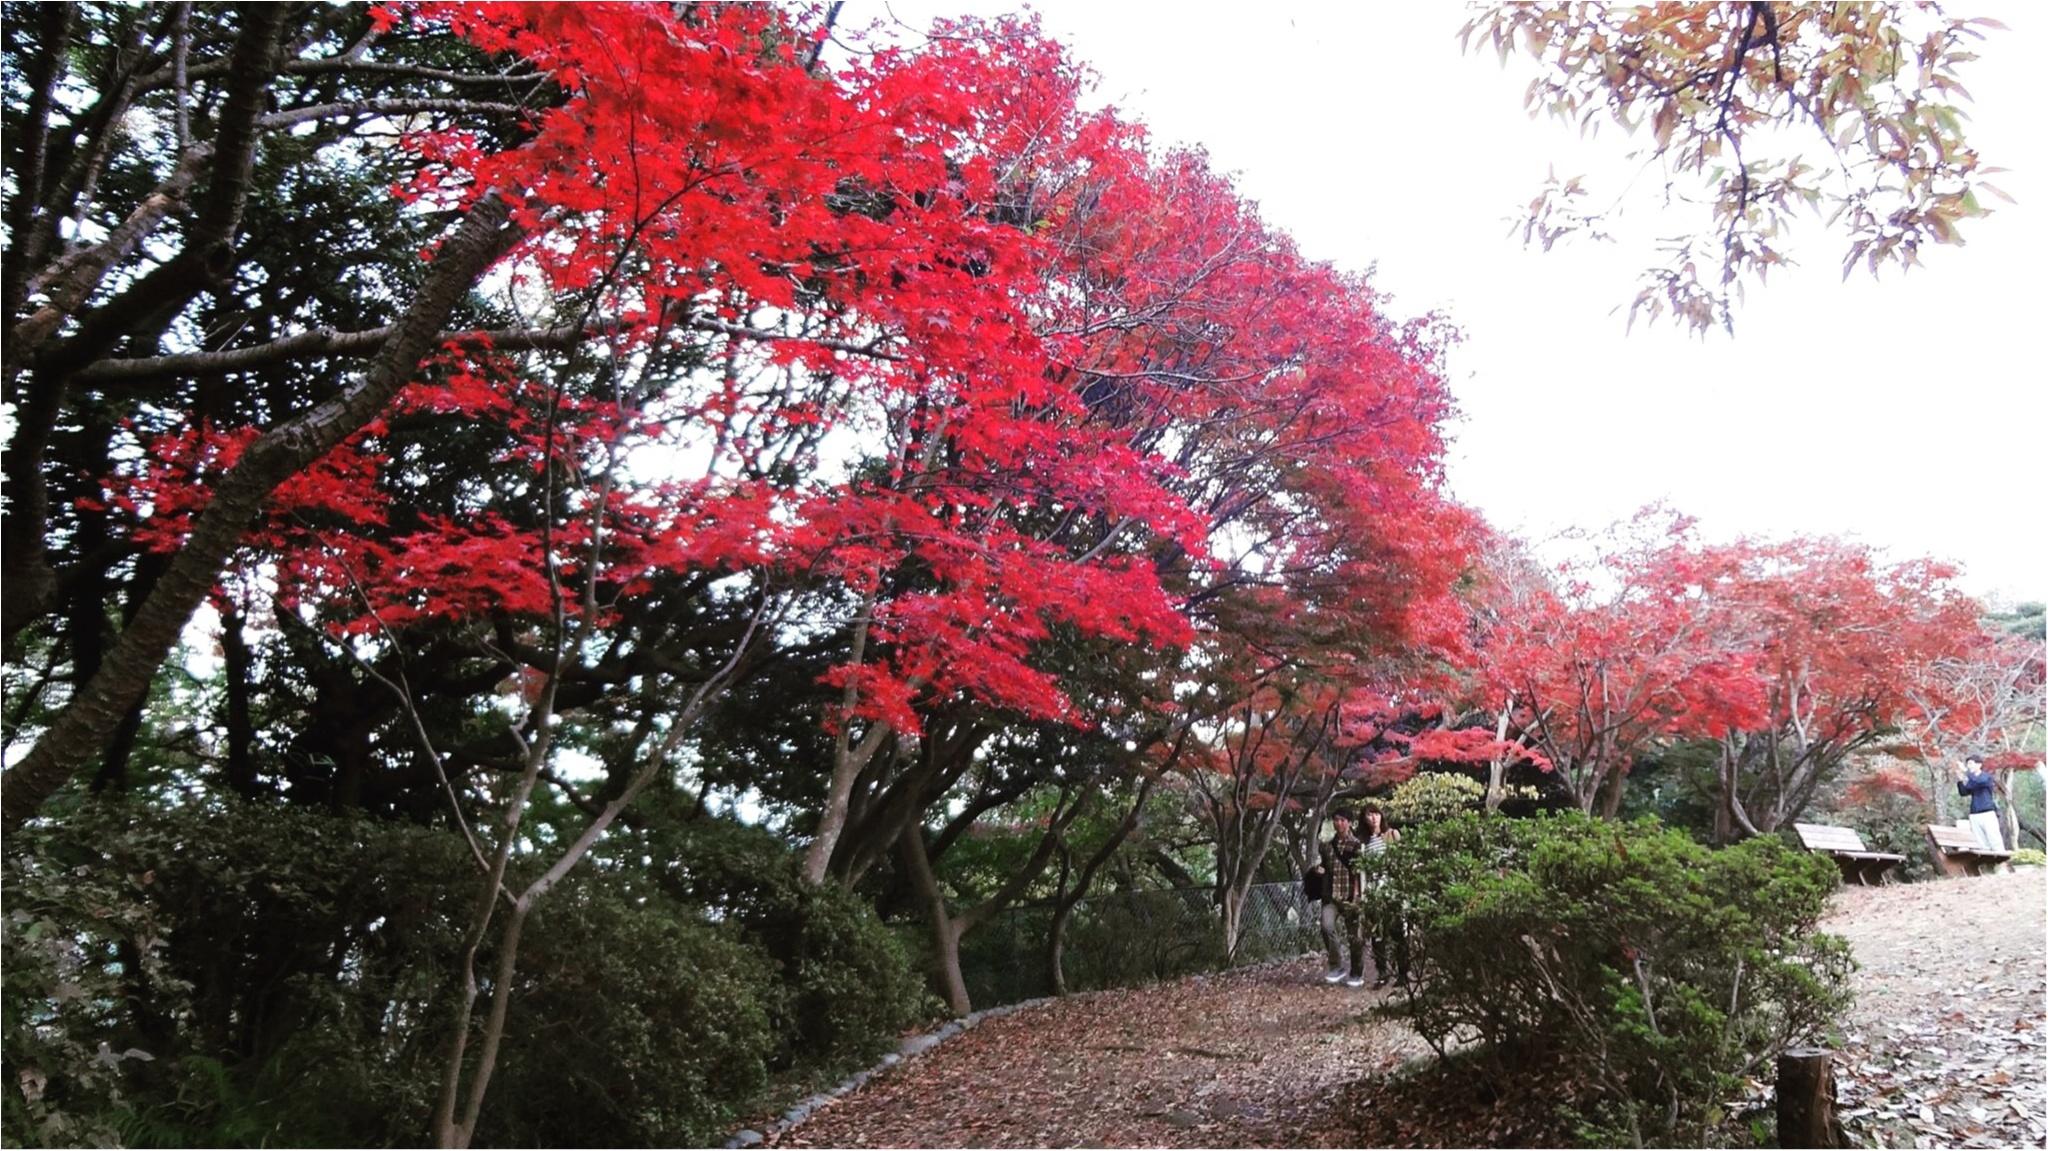 鎌倉にも紅葉の季節がやってきた♡11/20時点で見頃のオススメ紅葉スポットをご紹介✨≪samenyan≫_4